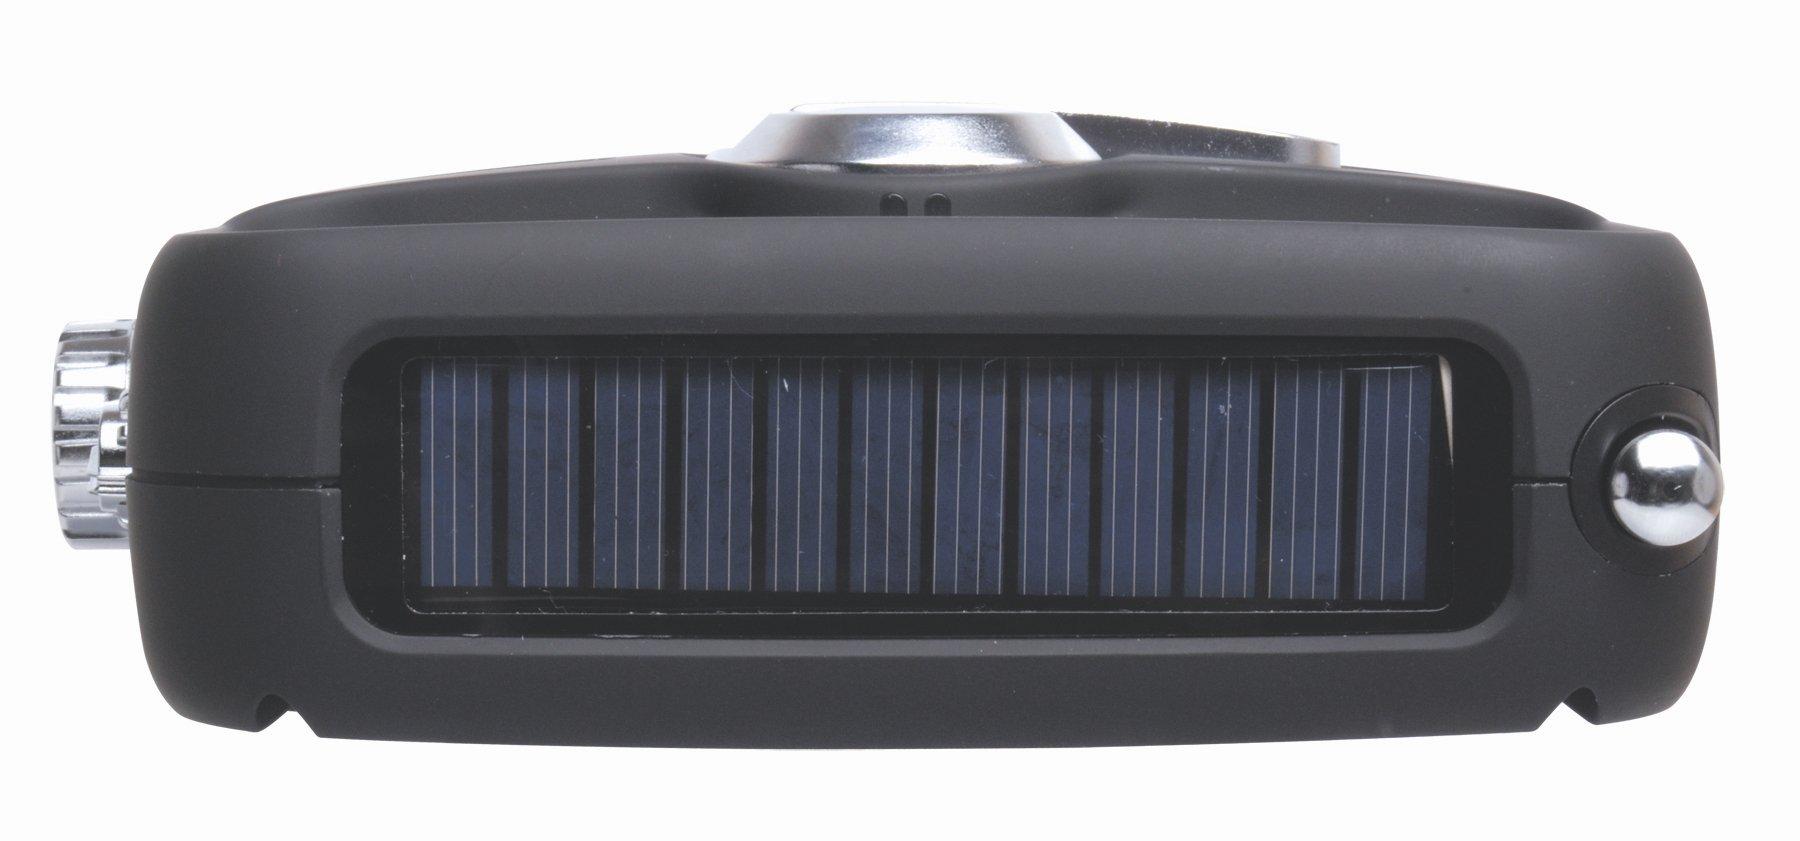 Etn FR500 Solarlink (Black) (Discontinued by Manufacturer) by Eton